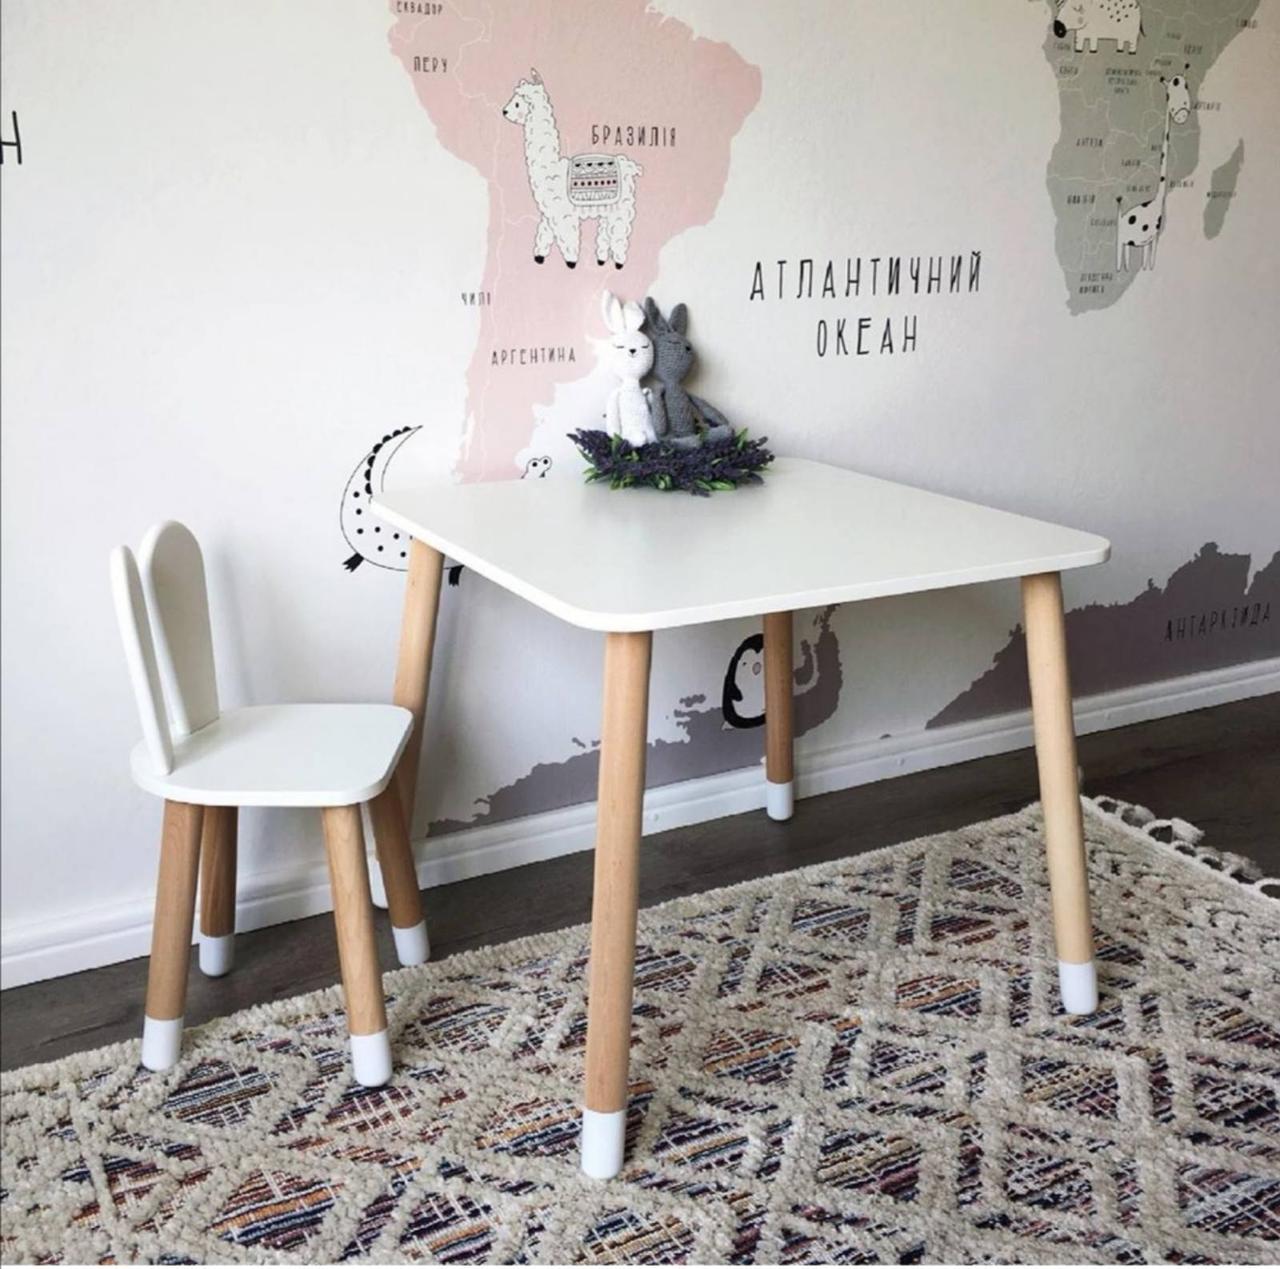 Дитячий стіл, 1 стілець (дерев'яний стільчик зайчик і квадратний столик)